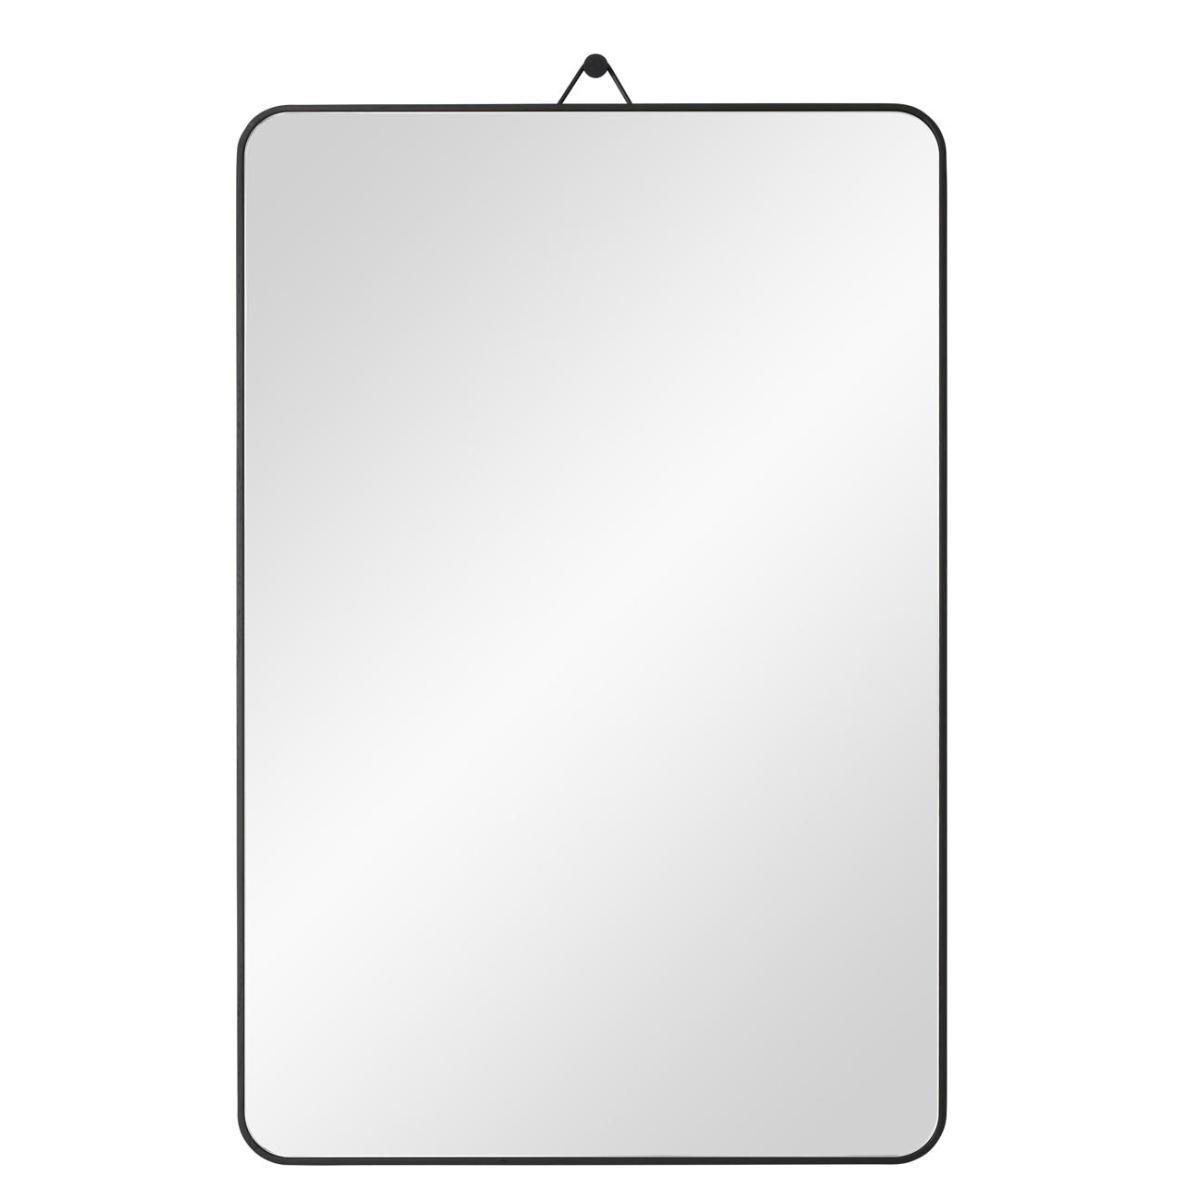 VIEW Spiegel 40 x 60 cm Eiche schwarz